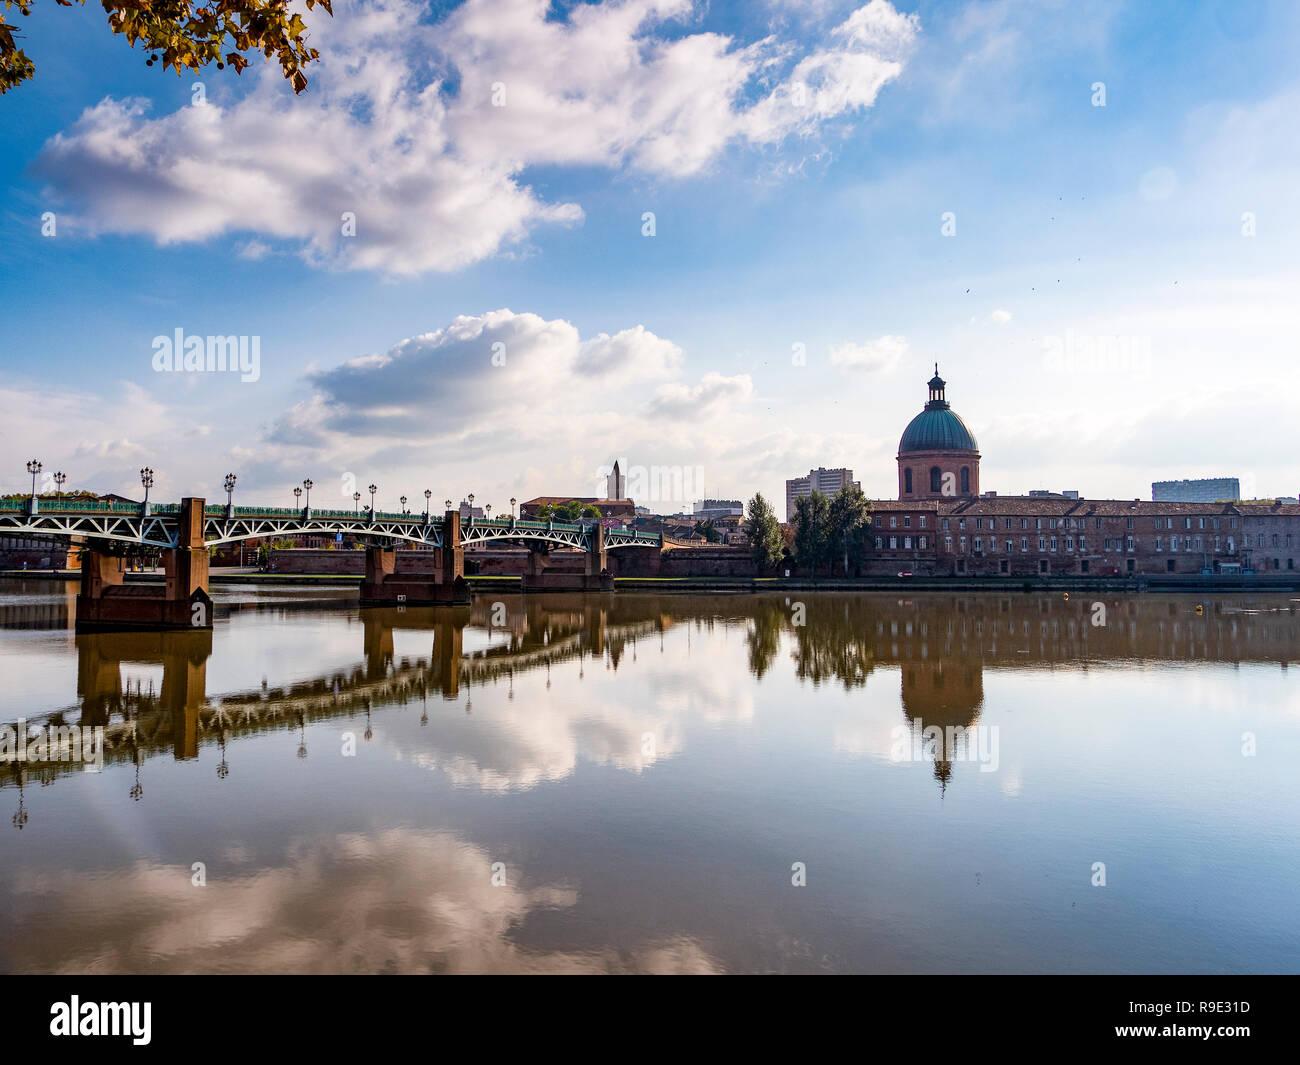 France. Haute-Garonne (31), Toulouse. St-Pierre bridge and the dome of the Hopital de la Grave - Stock Image